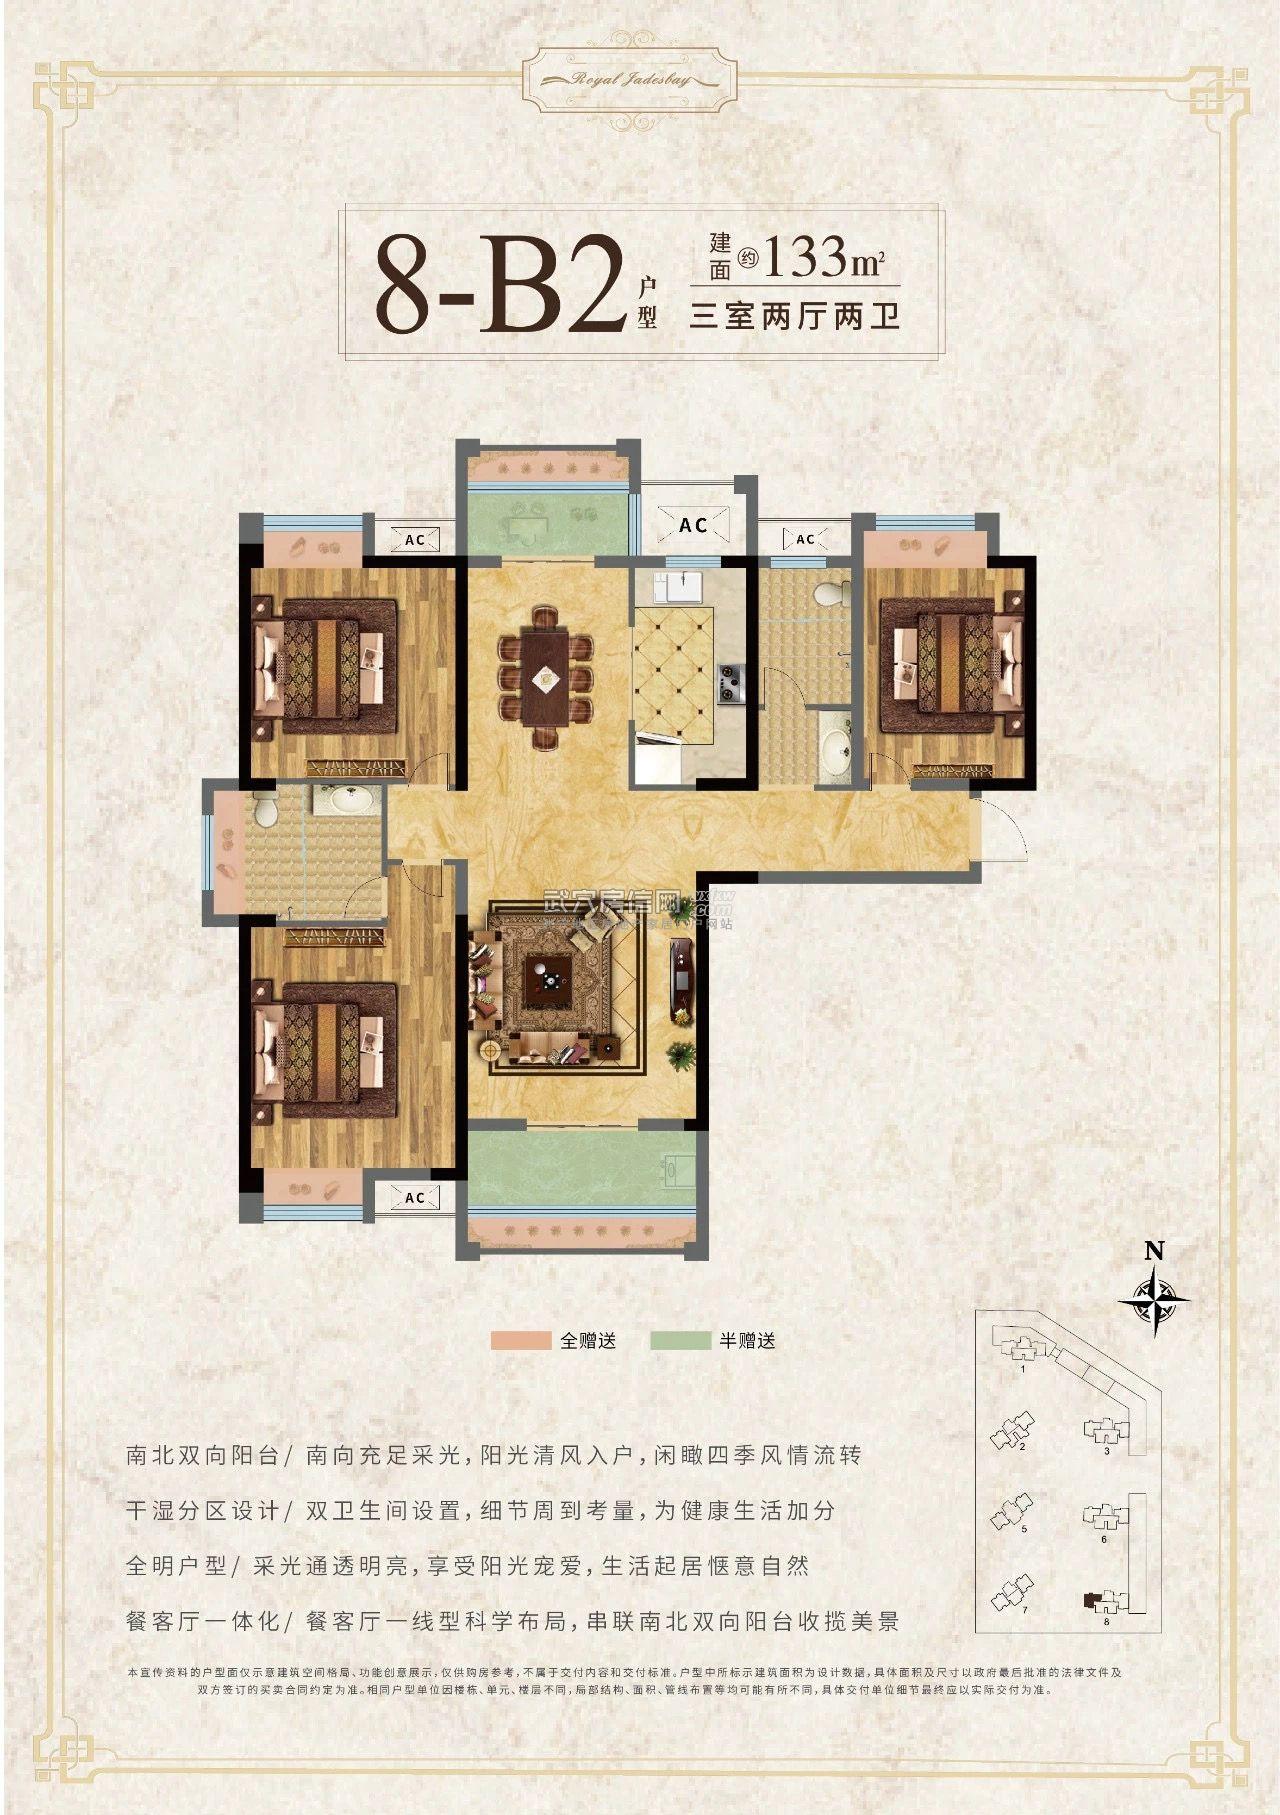 皇家·翡翠湾-8-B2户型